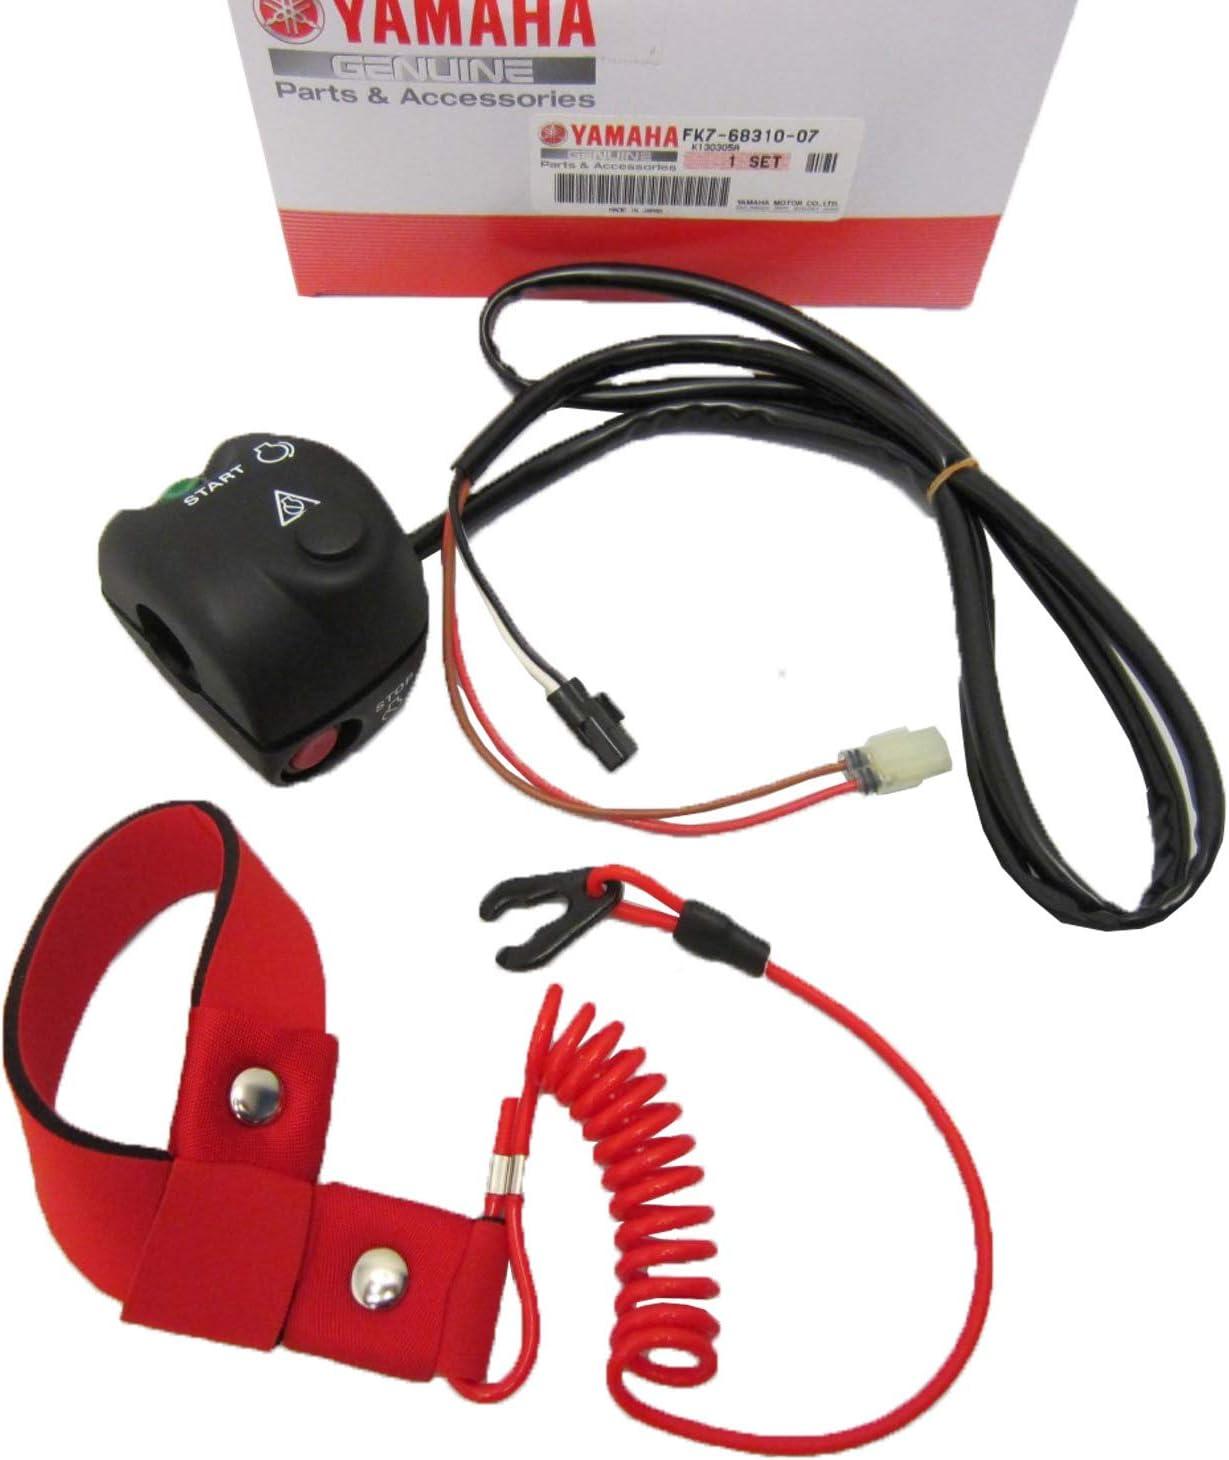 7XE-43610-01-00 Yamaha Tilt lock assy 7XE436100100 New Genuine OEM Part